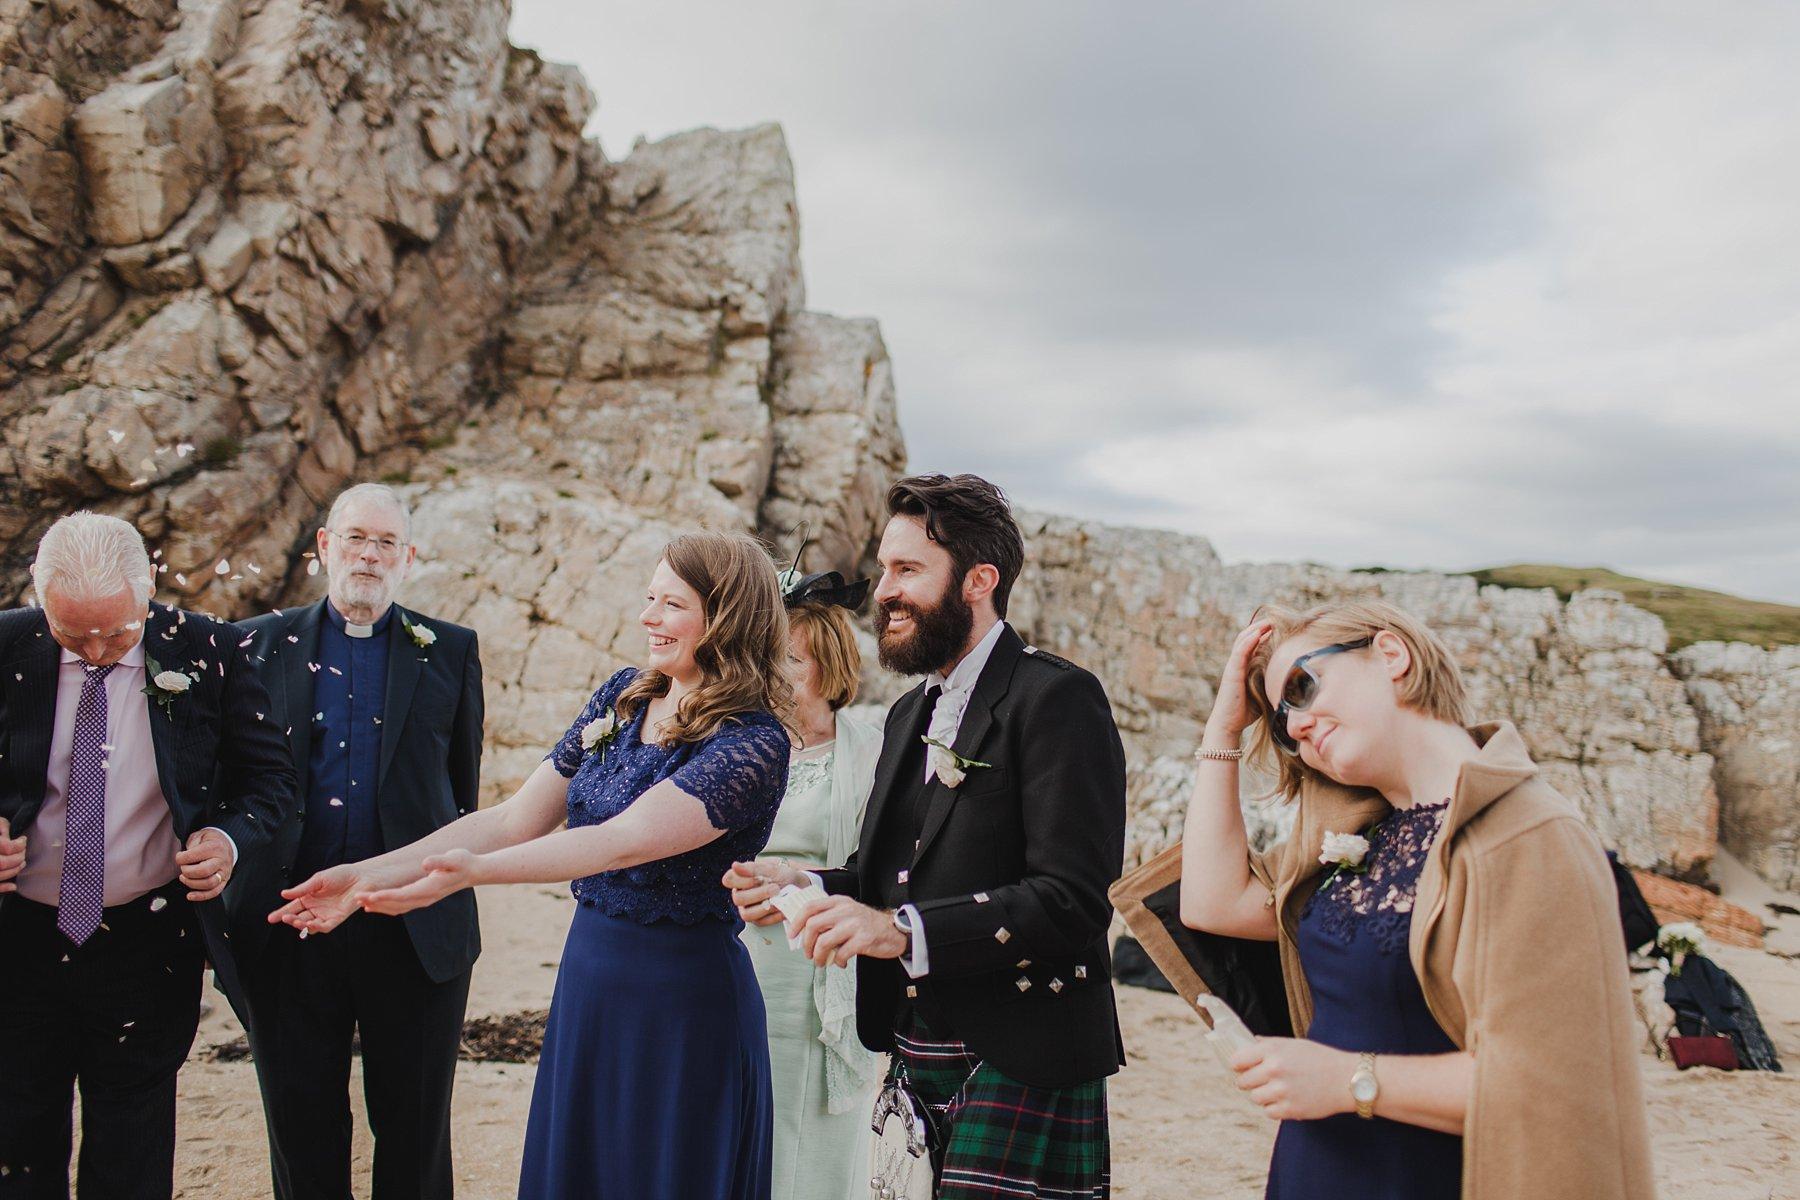 hornhead_donegak_elopement_weddings_0052